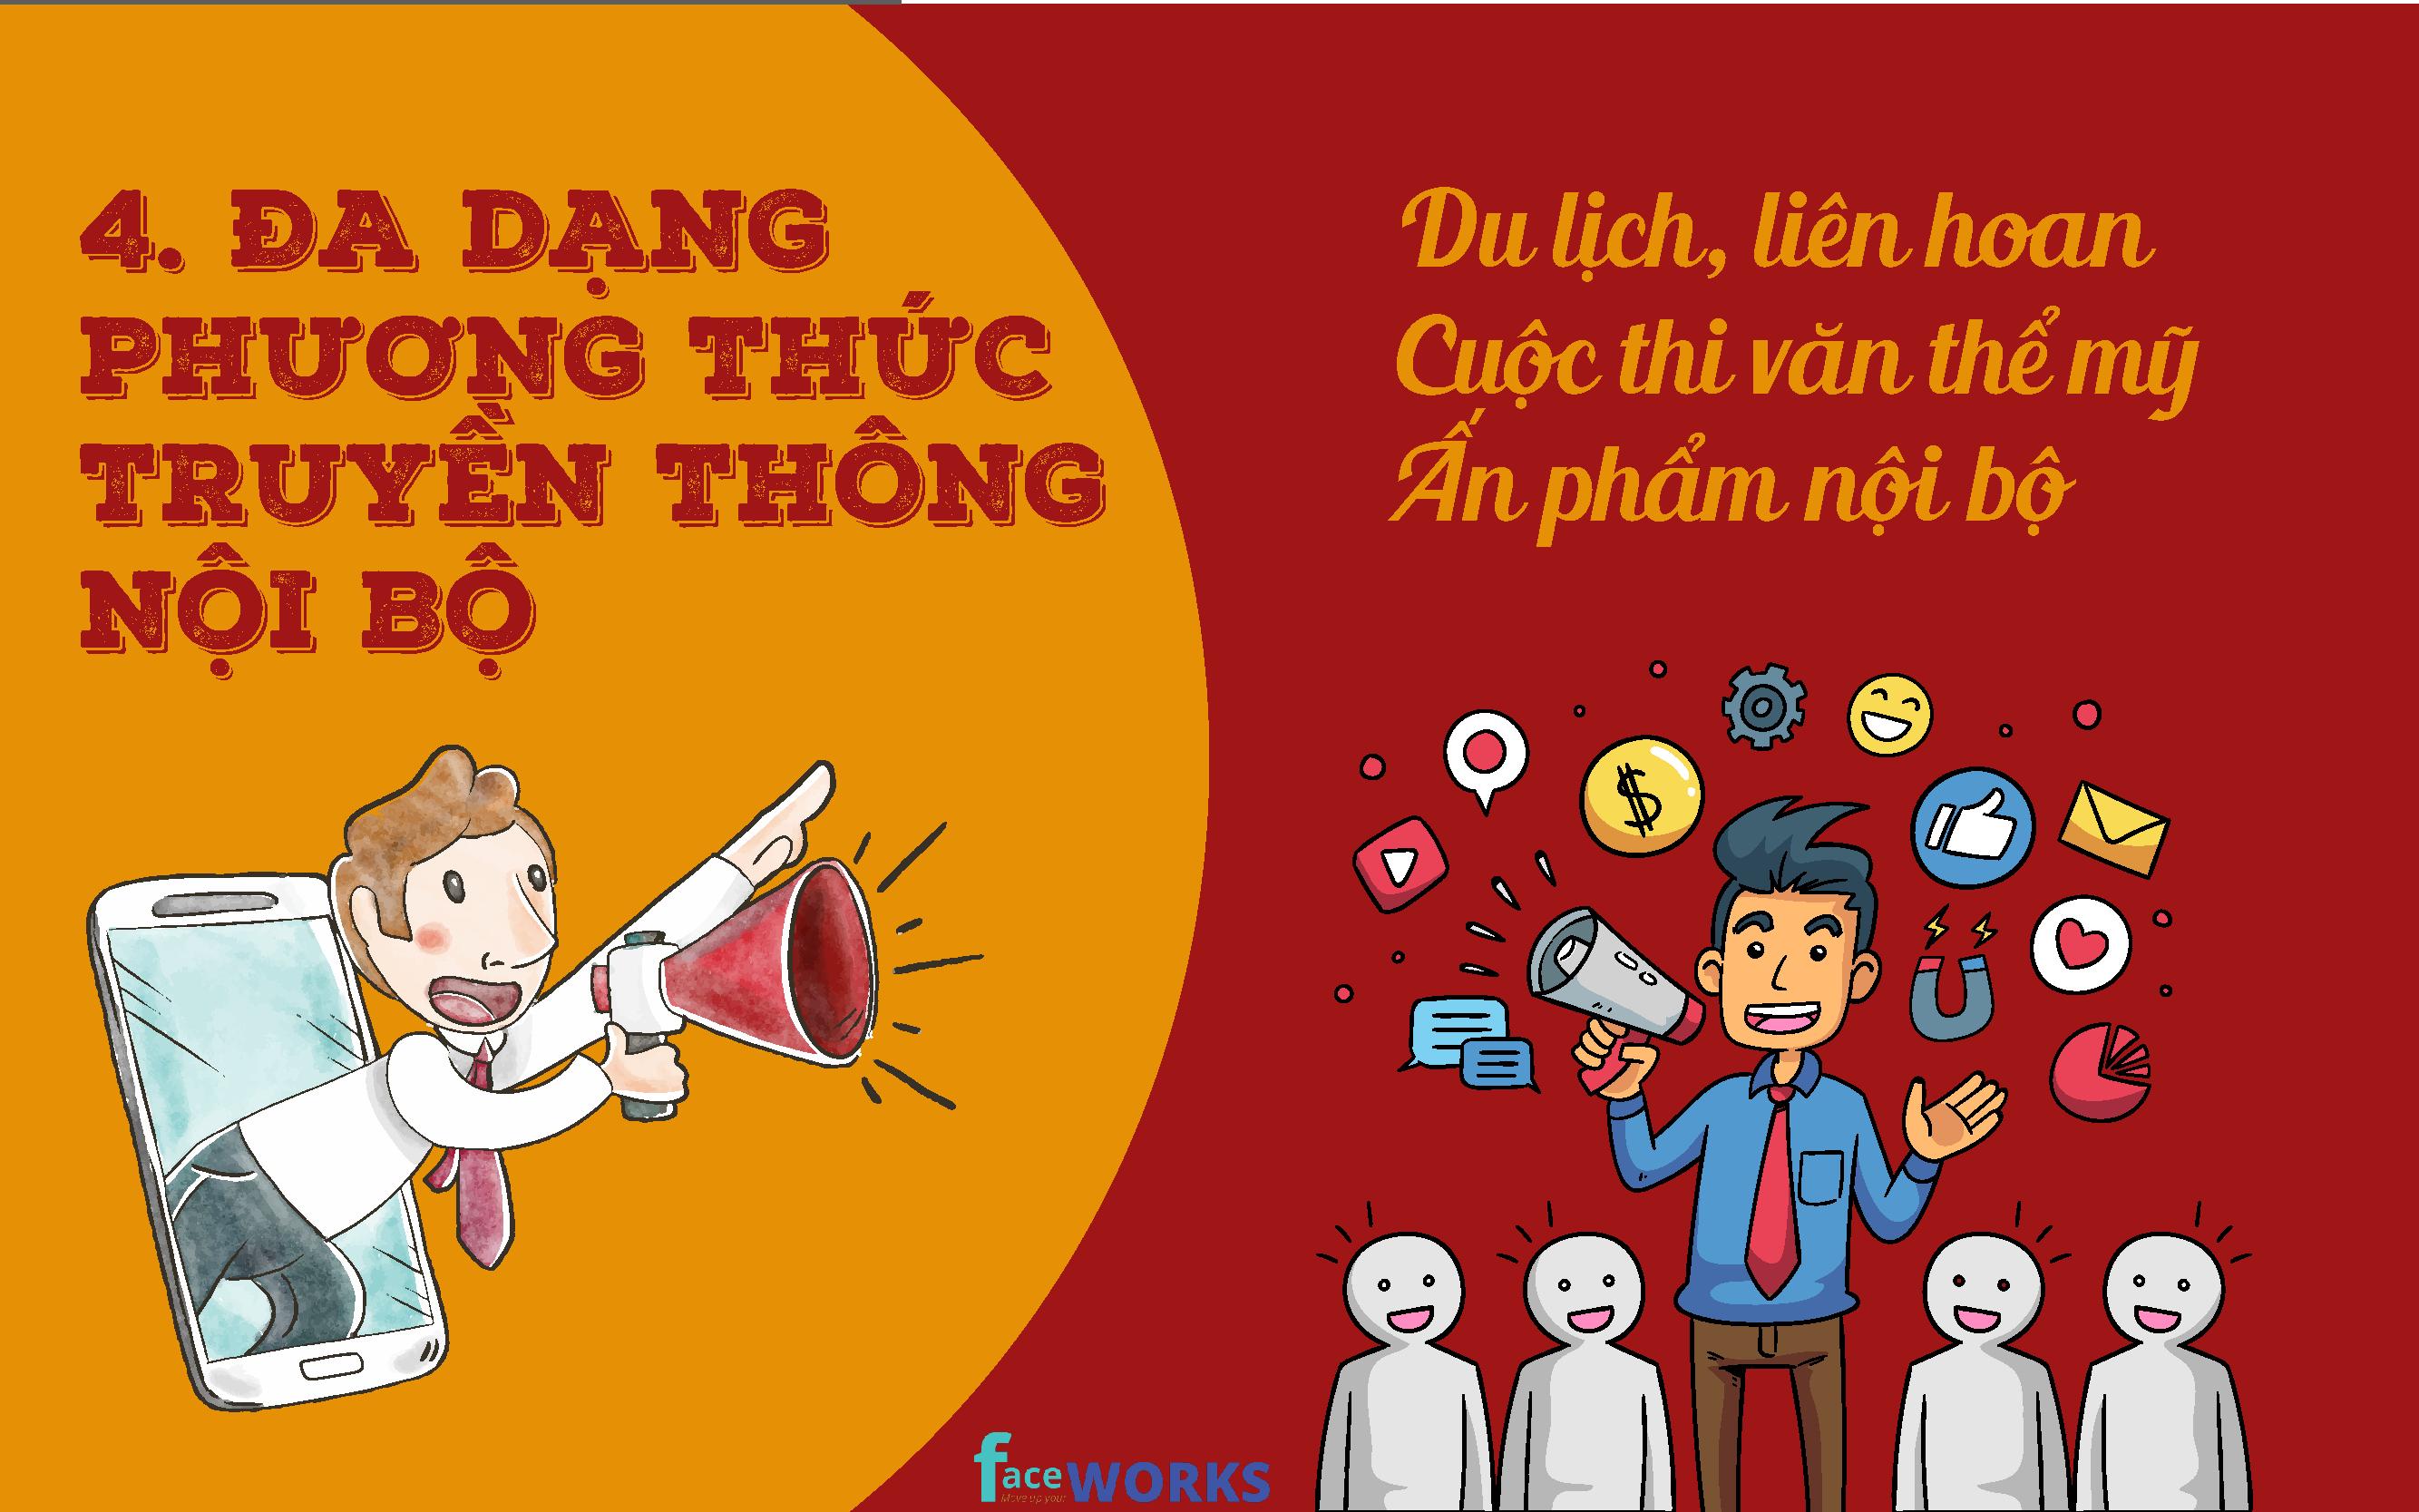 truyen thong noi bo - bi kip chiem tron trai tim cua nhan vien va co dong-03